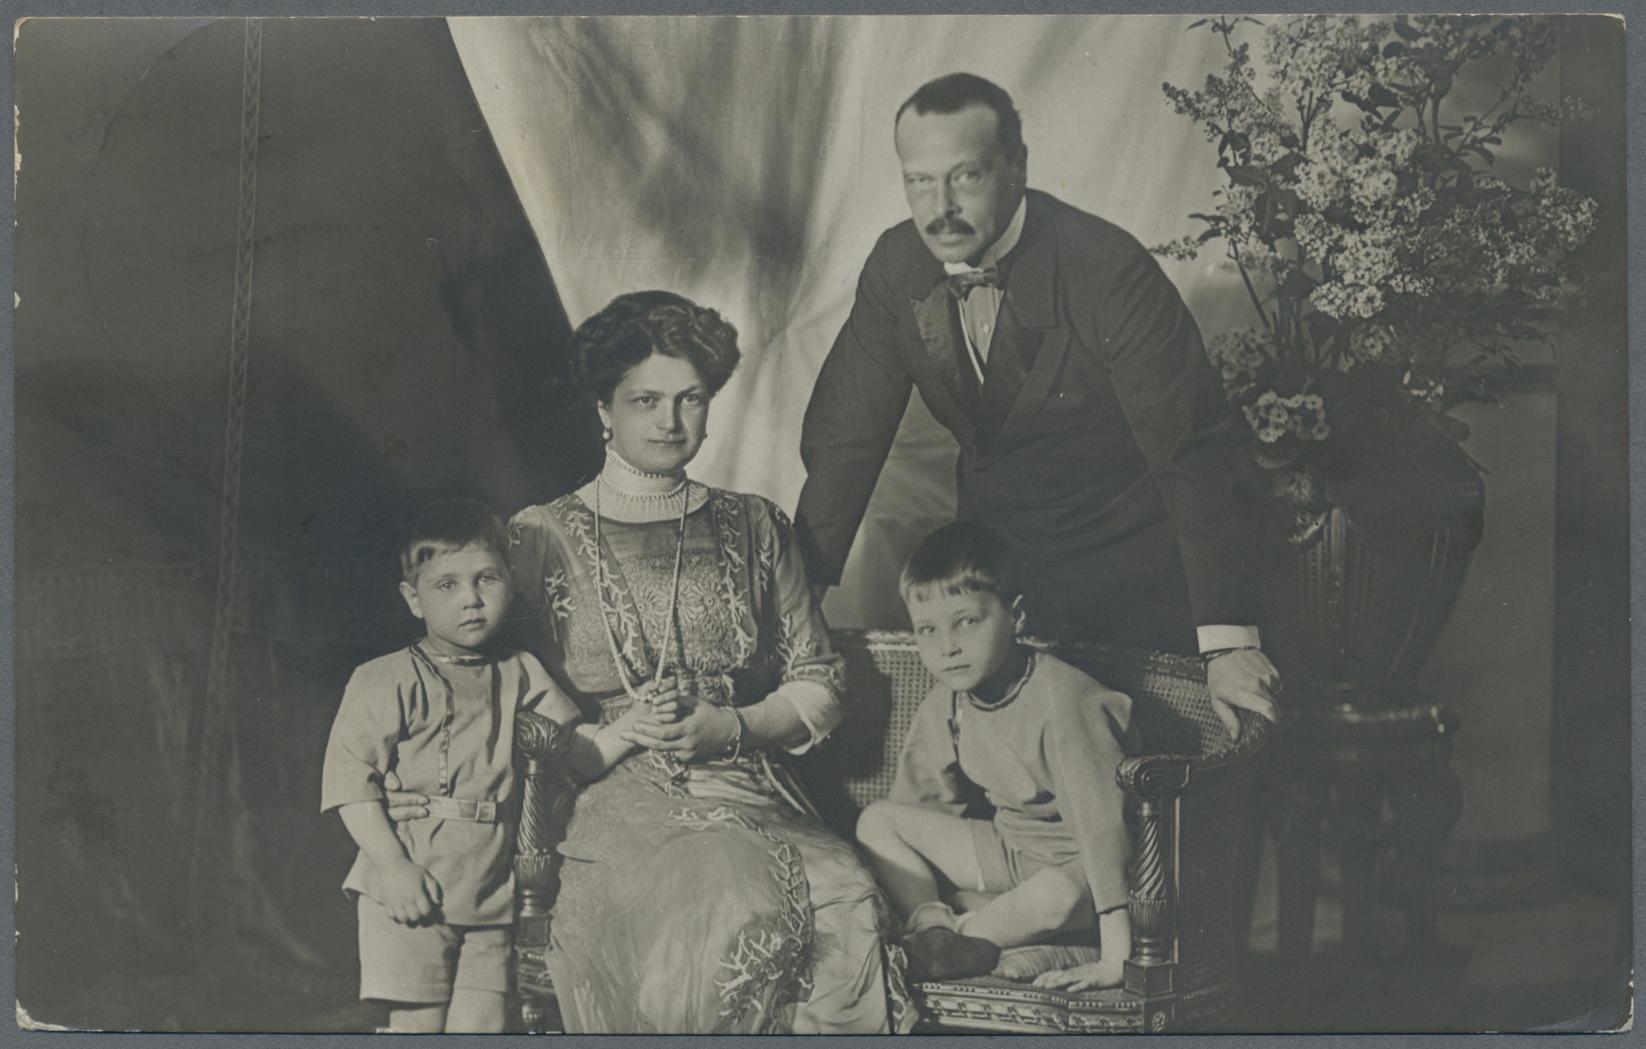 Familie - Großherzog mit Frau und beiden Söhnen